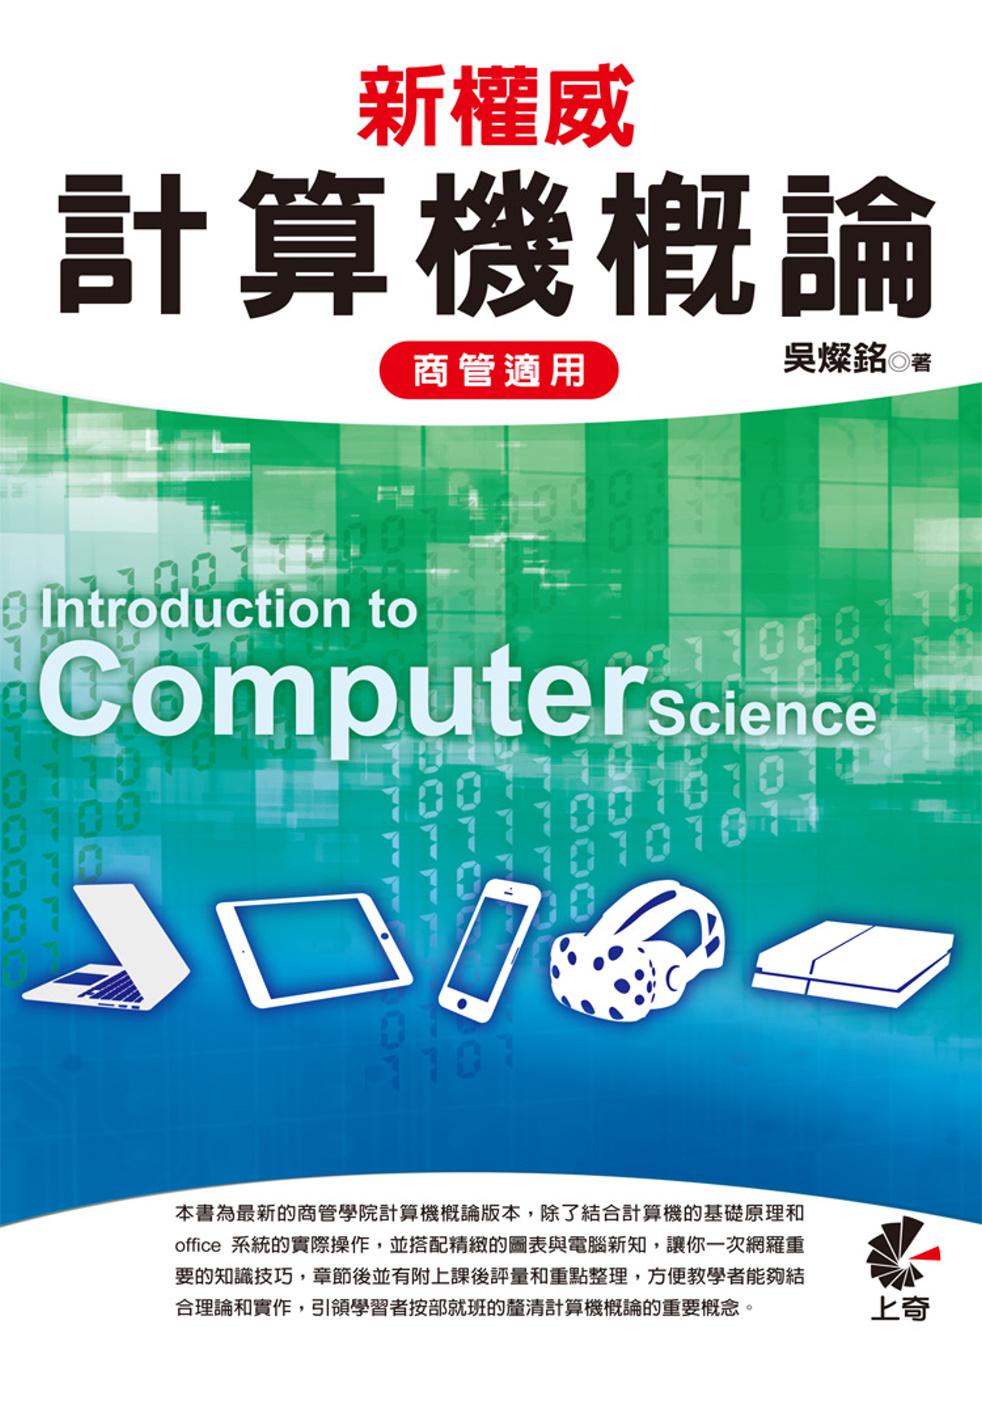 新權威計算機概論-商管適用(二版)附光碟